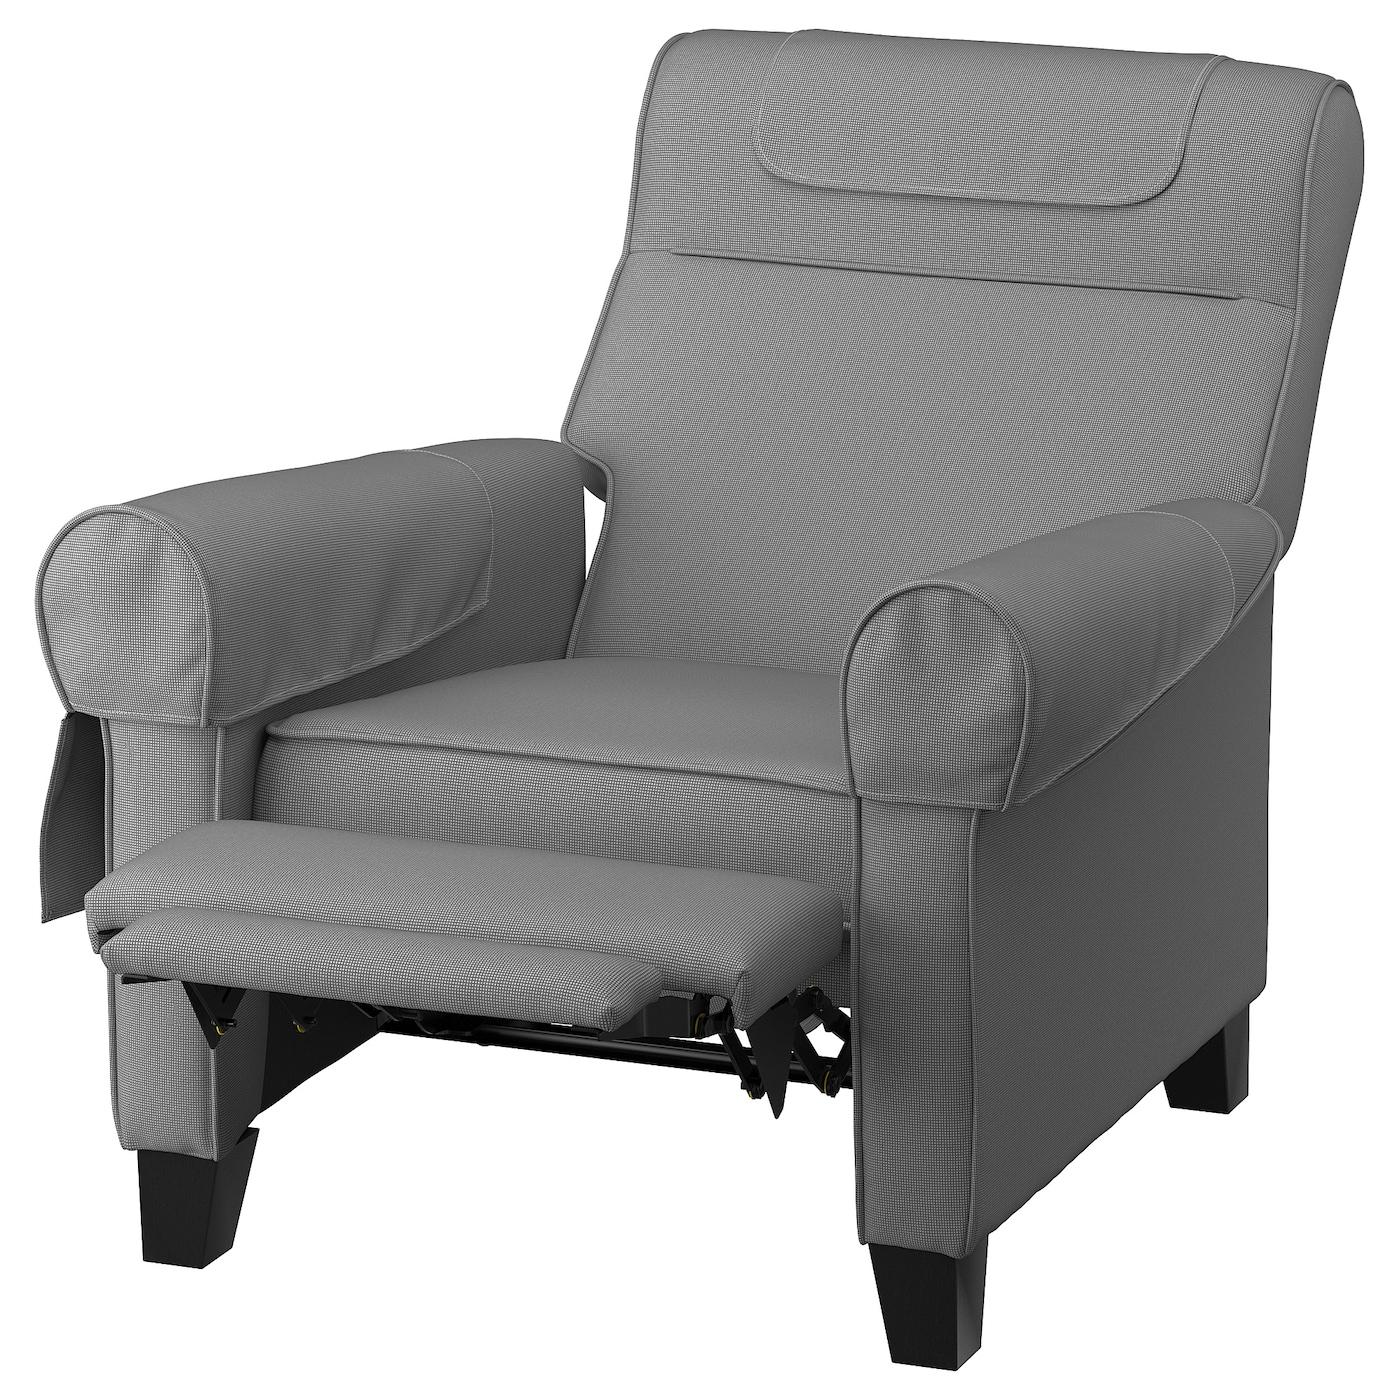 Muren Fauteuil Confort - Remmarn Gris Clair dedans Fauteuil Relax Électrique Ikea